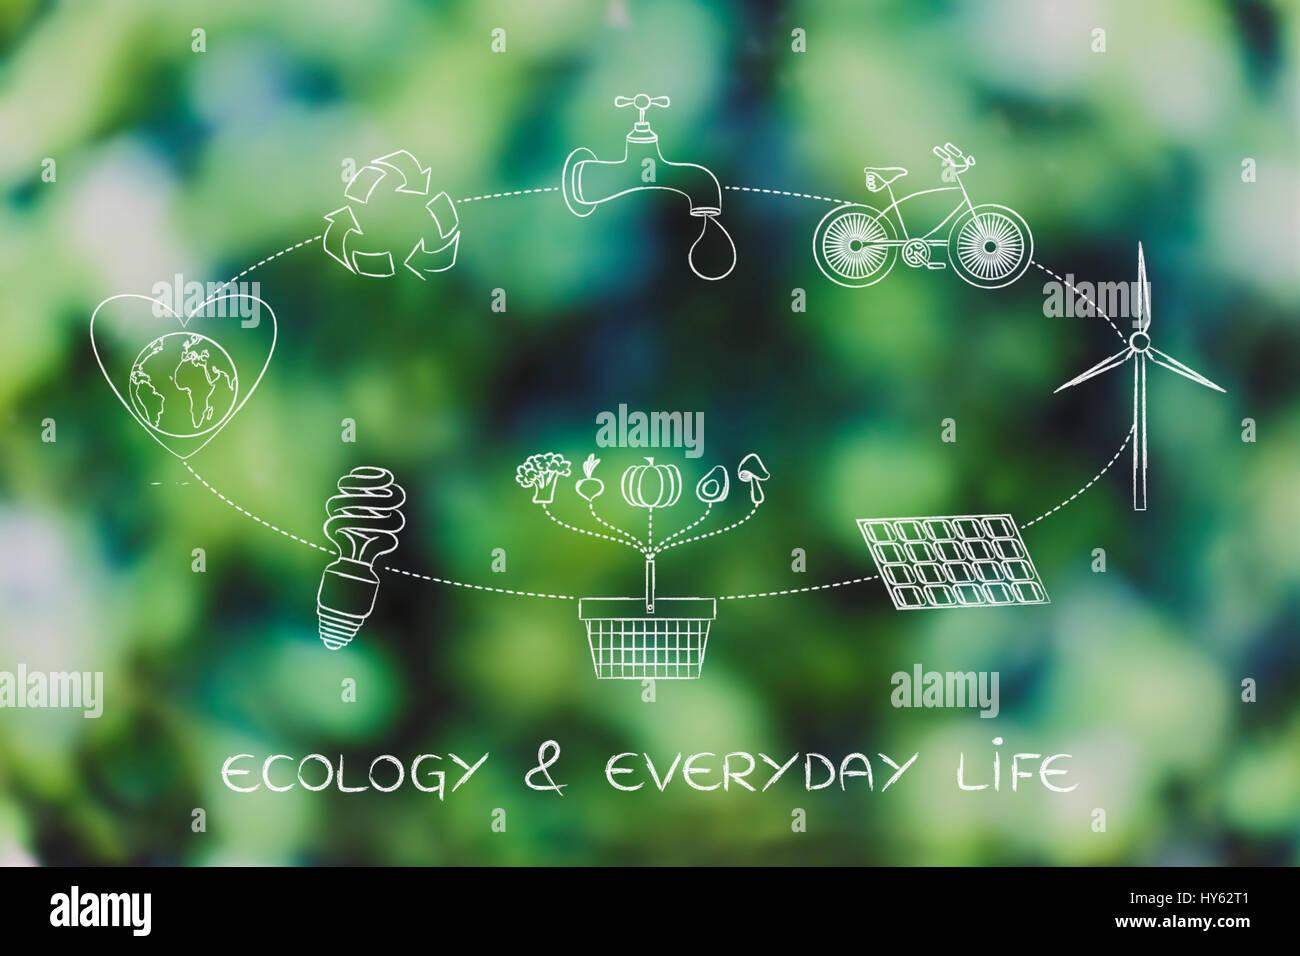 Ecologia & Vita quotidiana: schema con passaggi giornalieri per proteggere l'ambiente attraverso il risparmio Immagini Stock